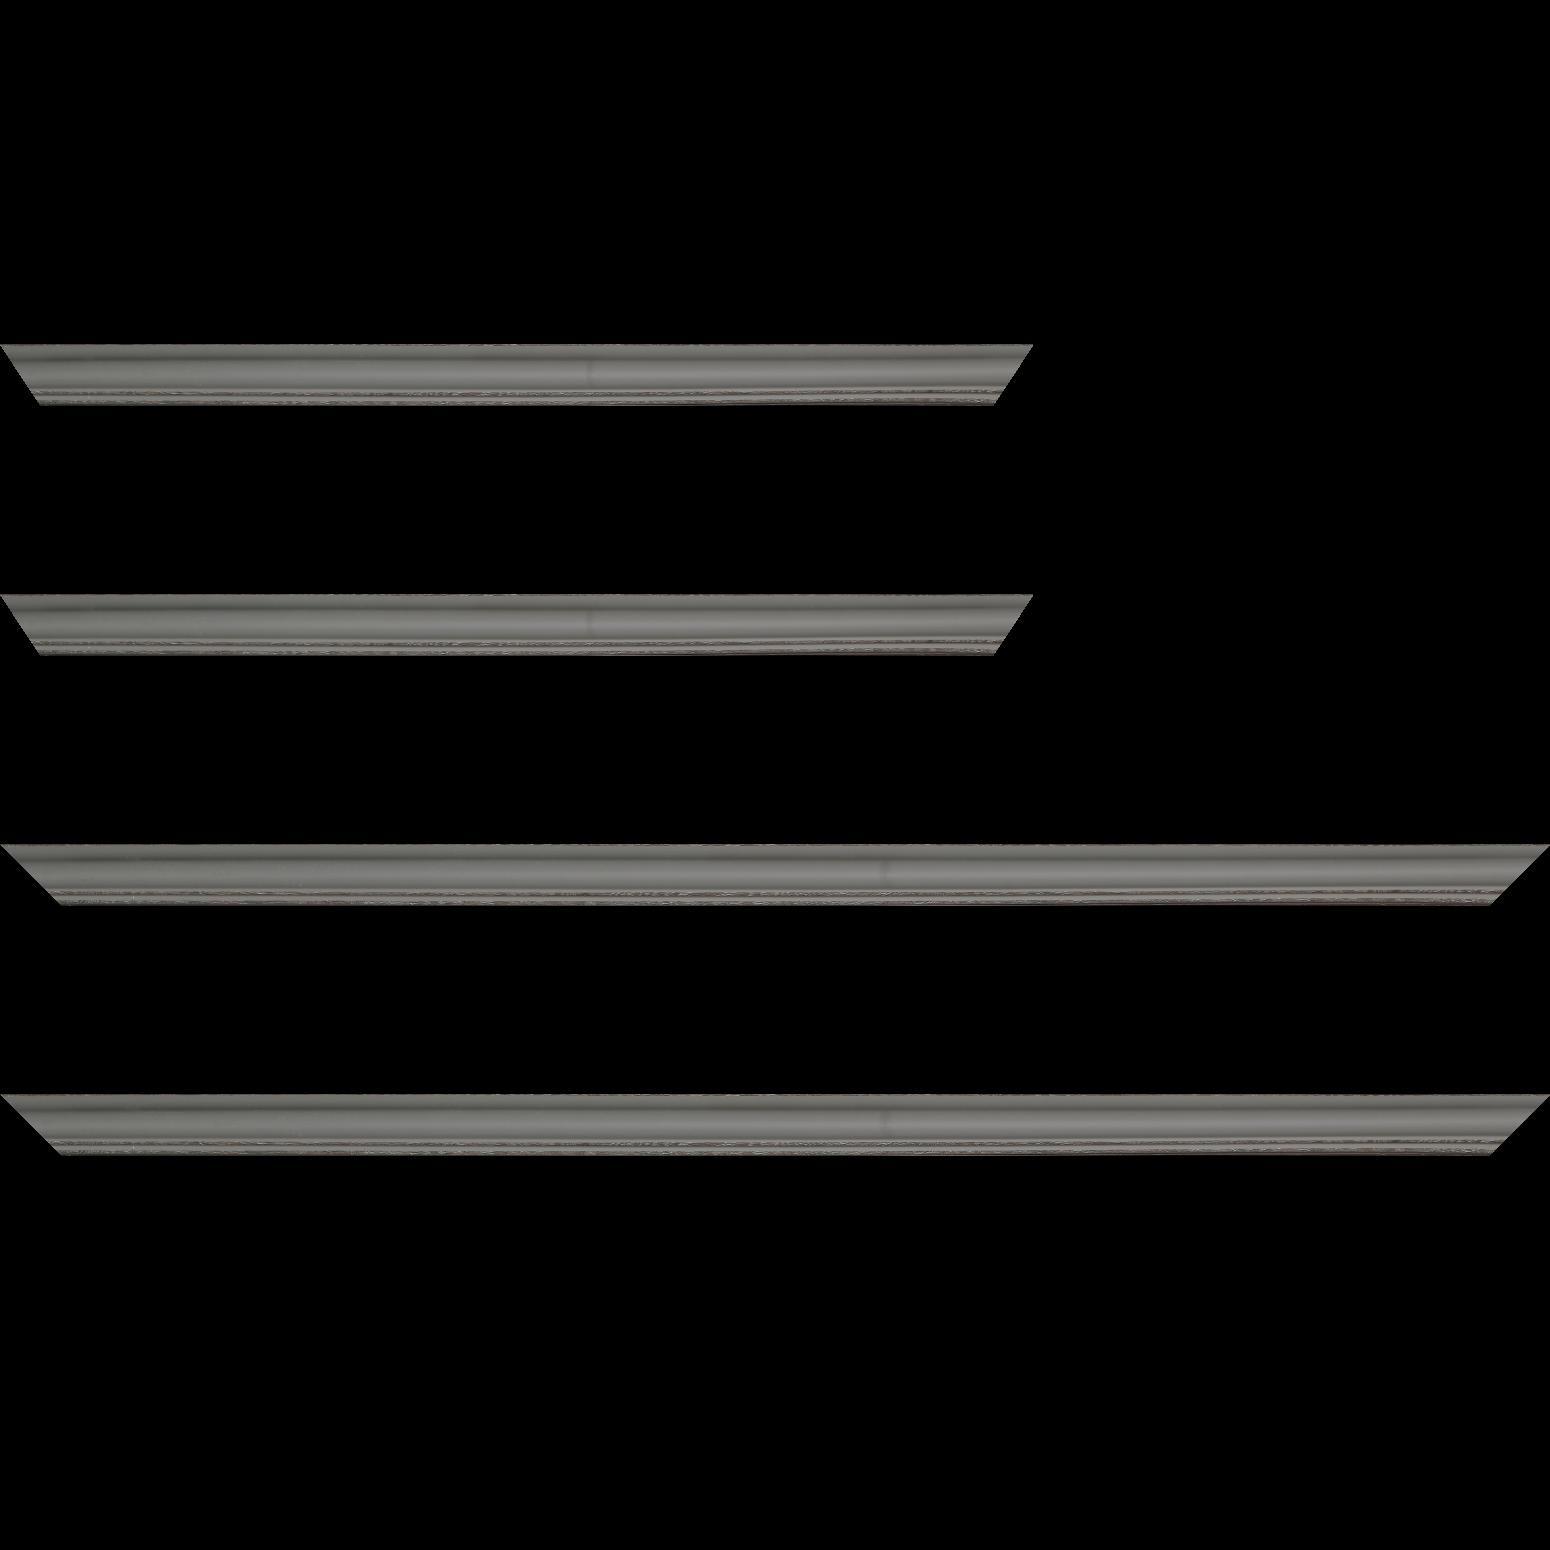 Baguette service précoupé Bois profil doucine inversée largeur 2.3cm gris satiné bord ressuyé